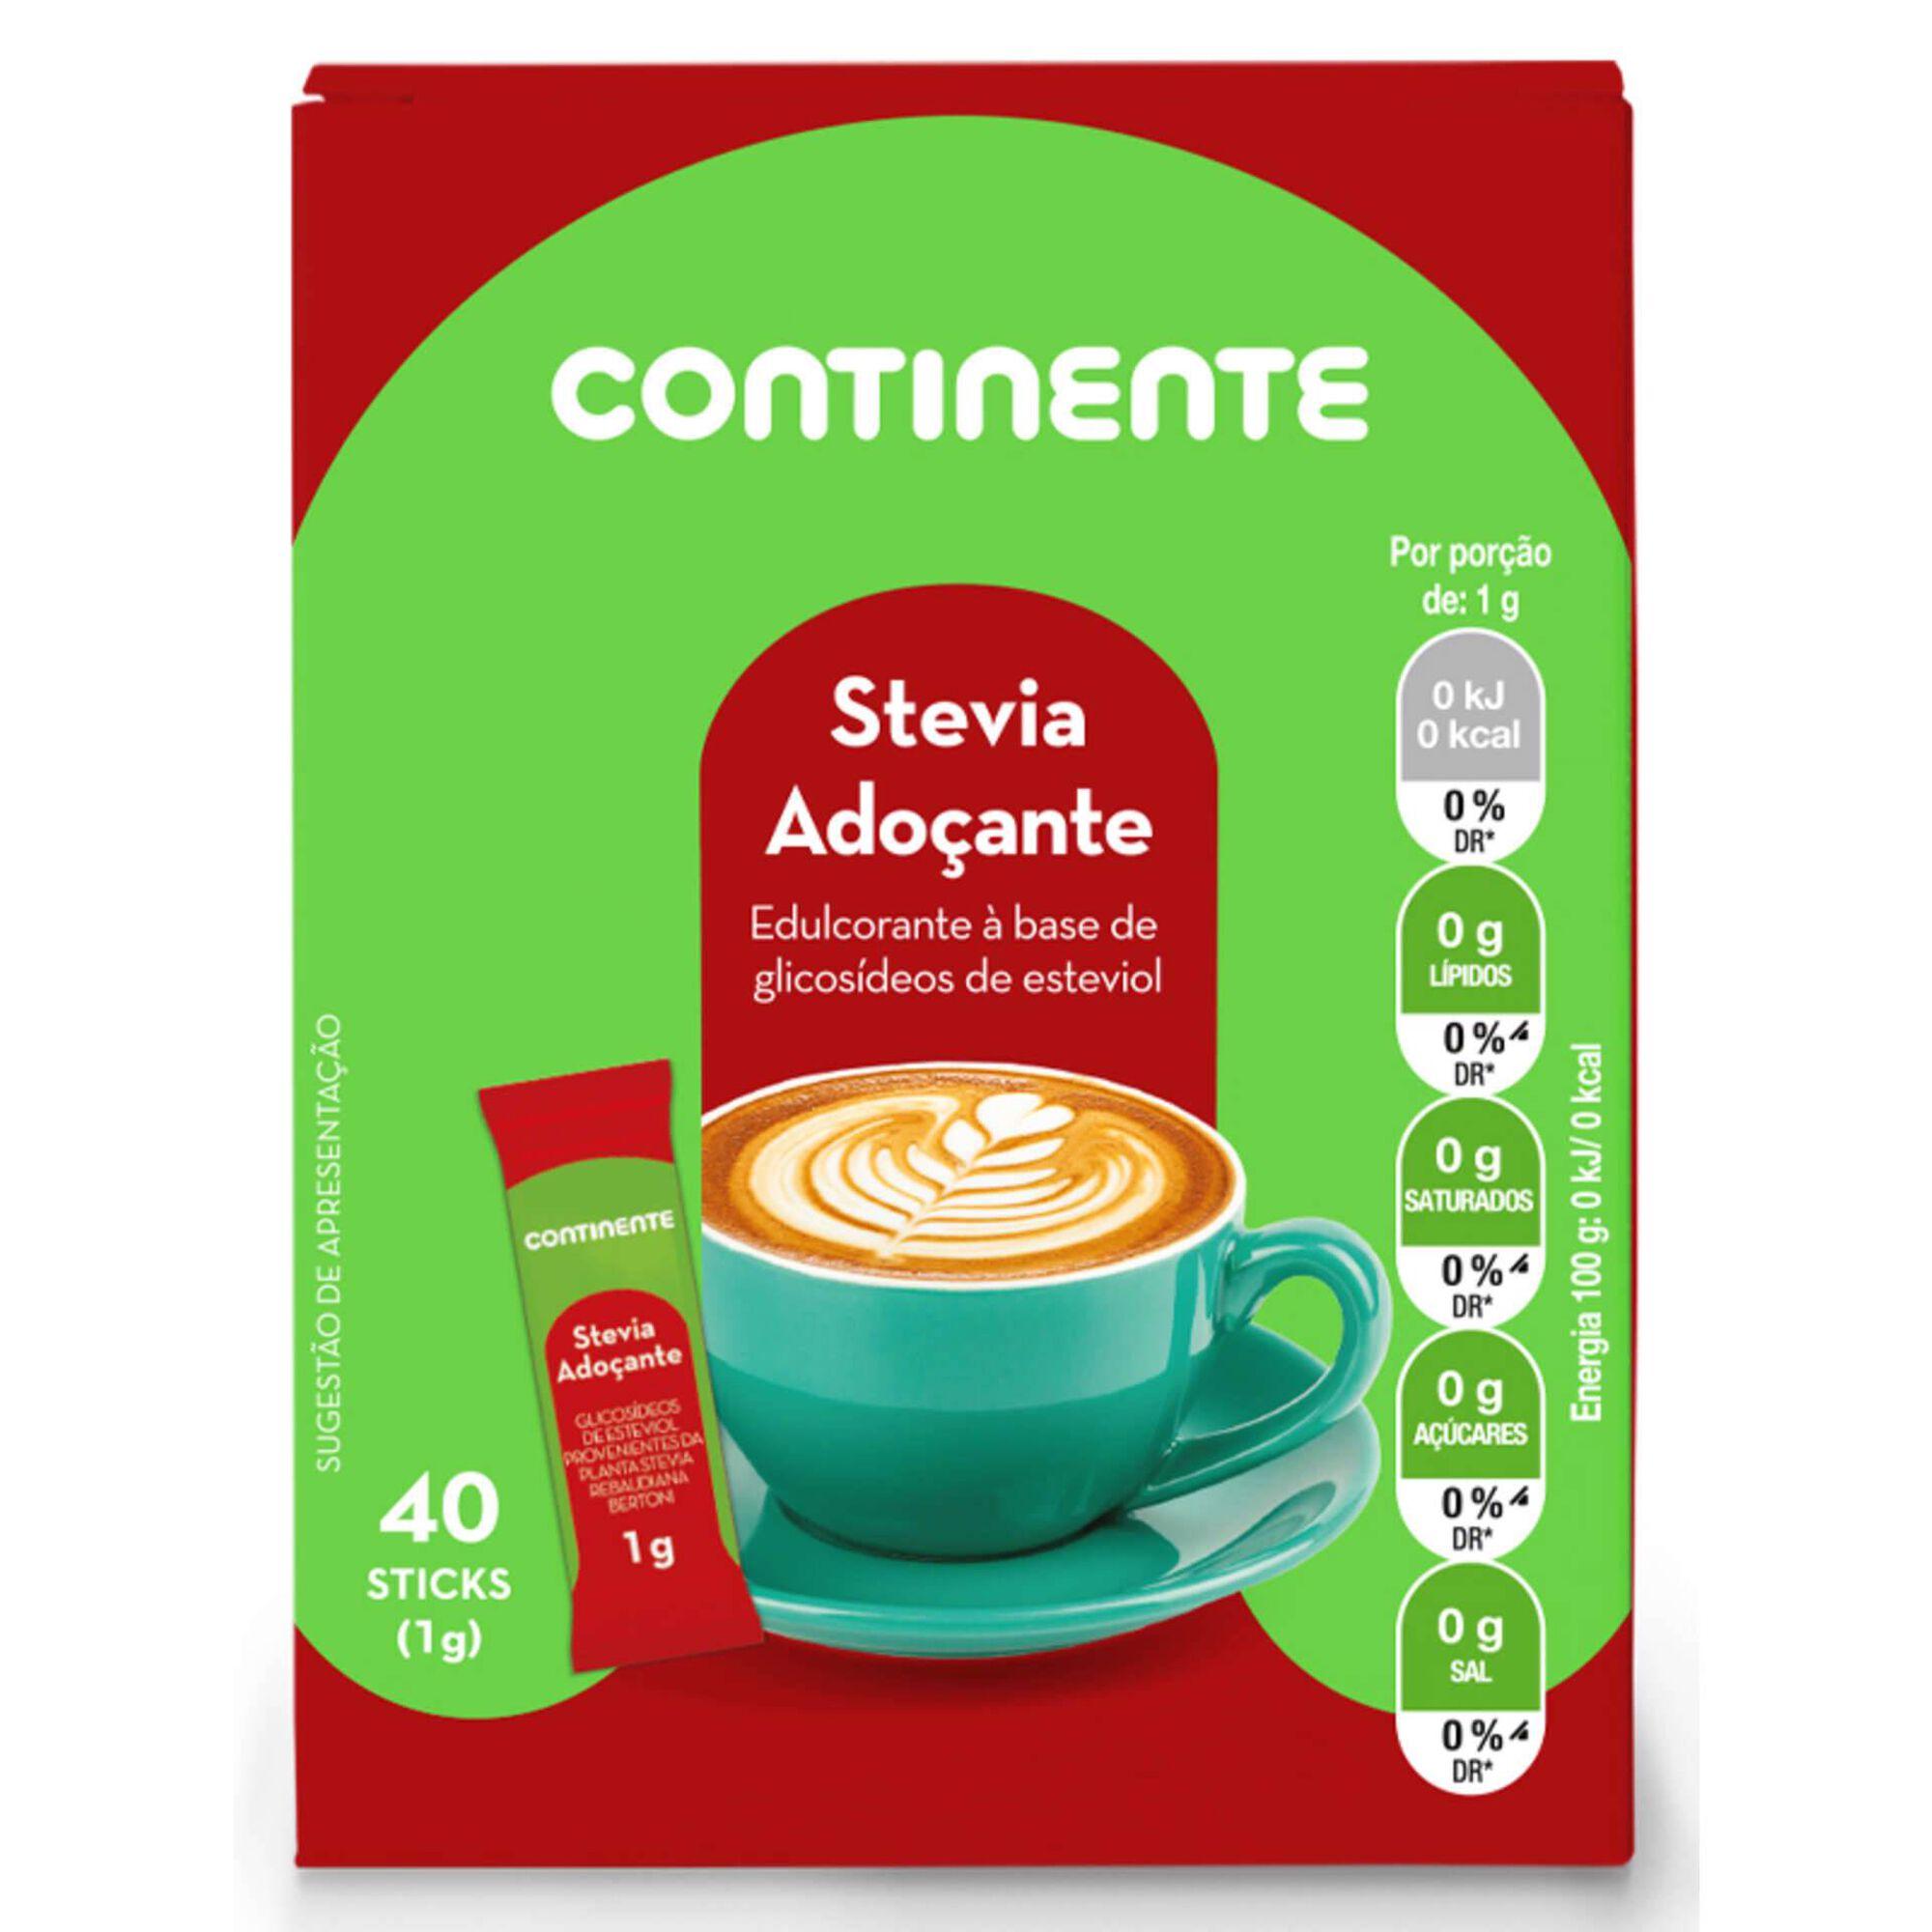 Adoçante Stevia 40 Sticks